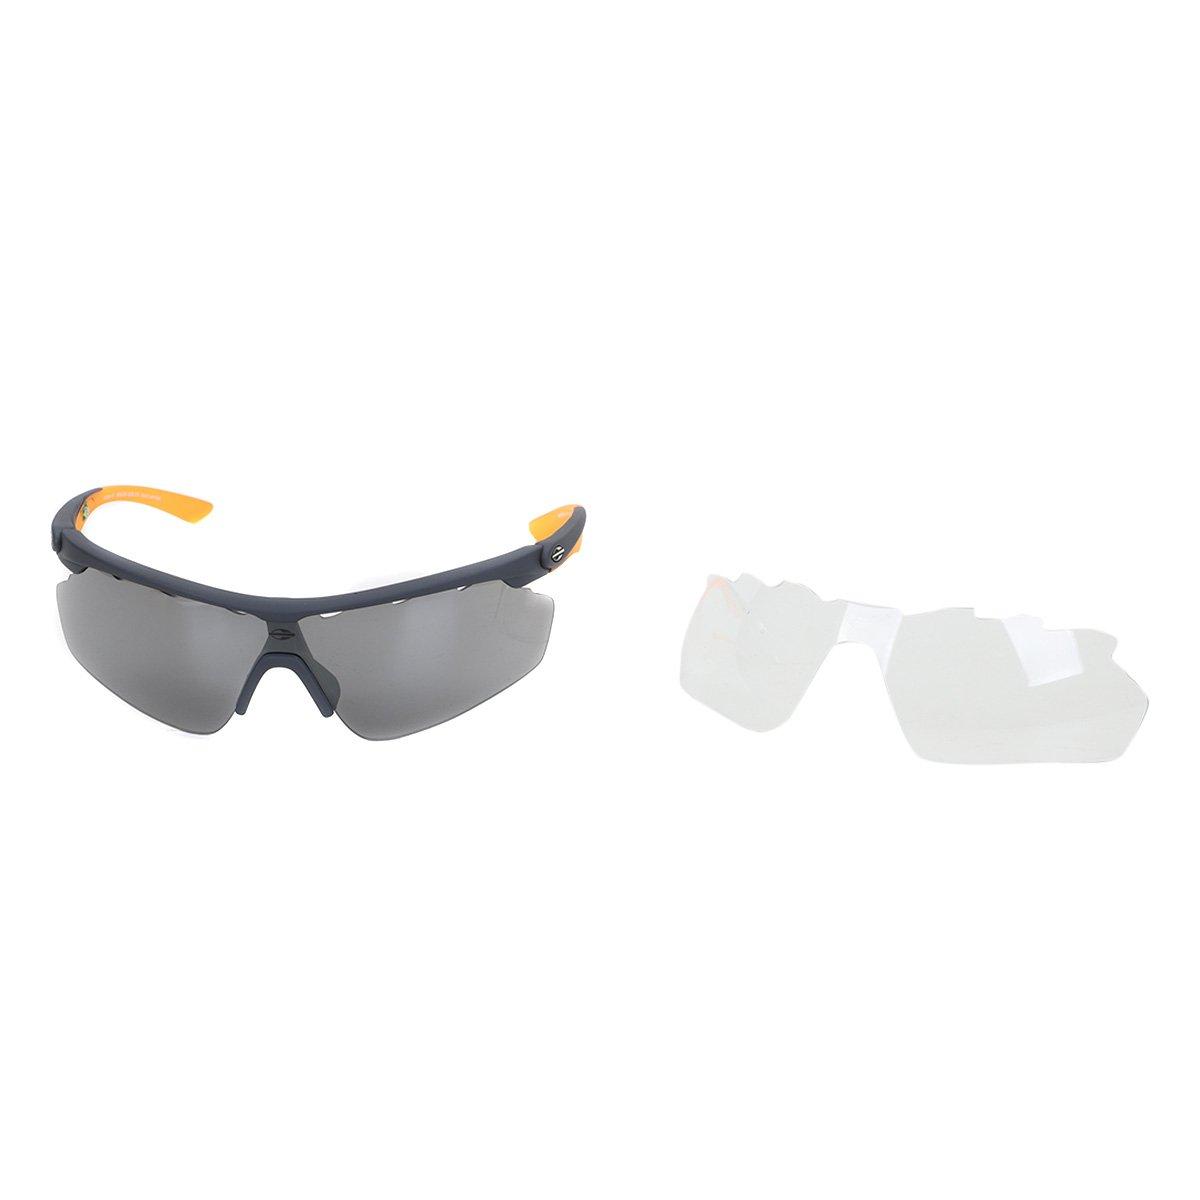 fad978059e8fc Óculos Mormaii Athlon 3 - Cinza e Laranja - Compre Agora